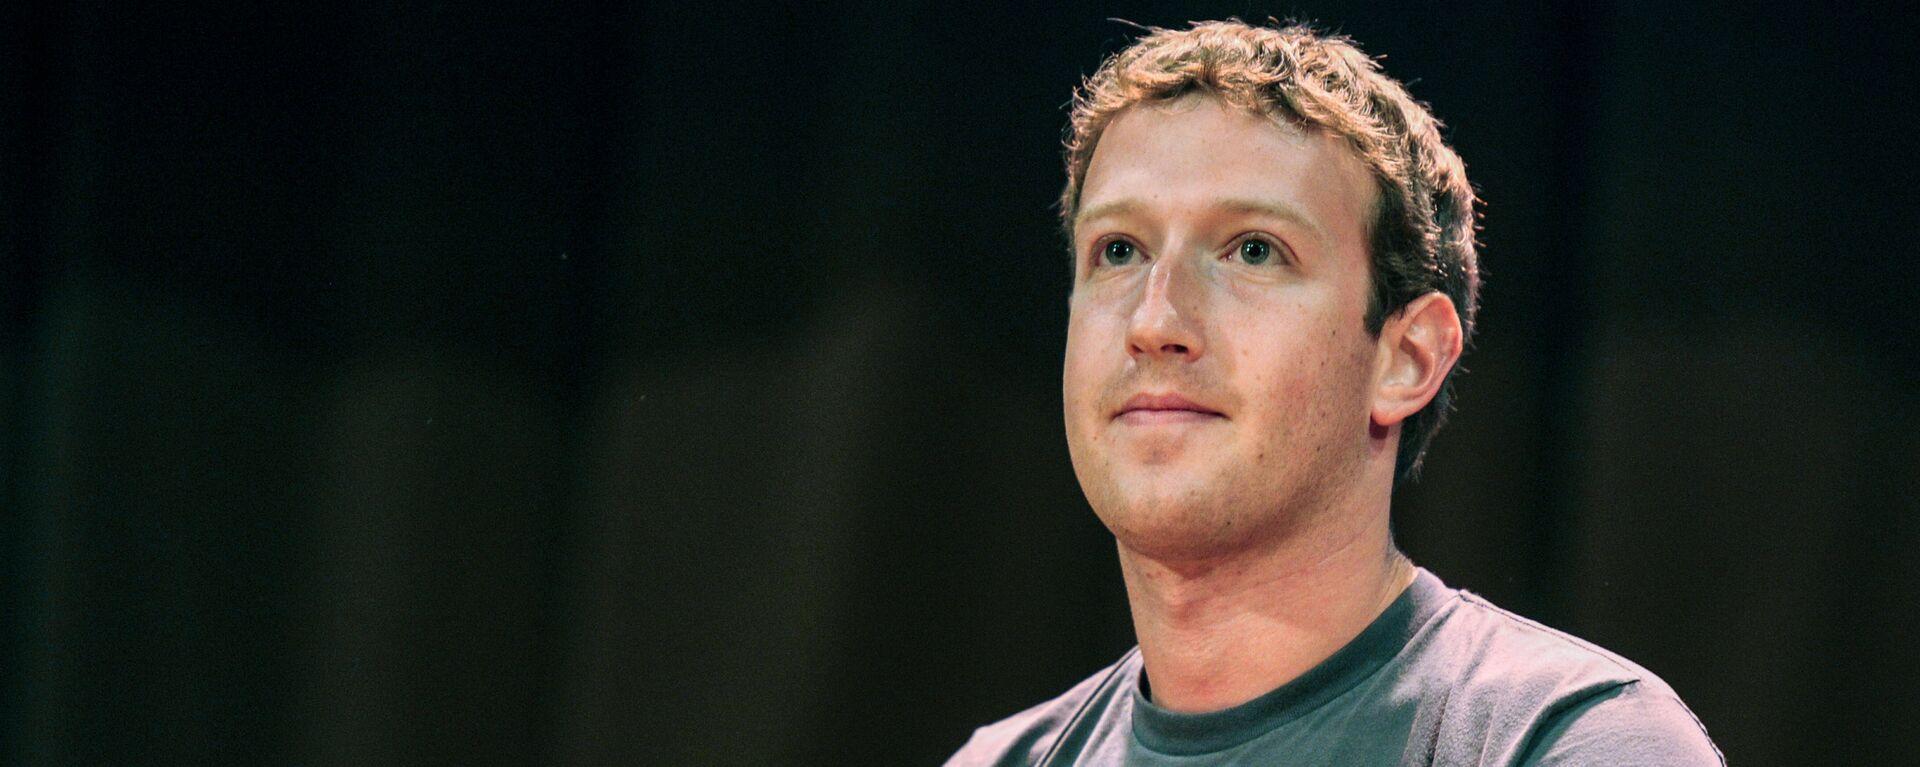 Создатель крупнейшей мировой социальной сети Facebook Марк Цукерберг - Sputnik Узбекистан, 1920, 08.10.2021